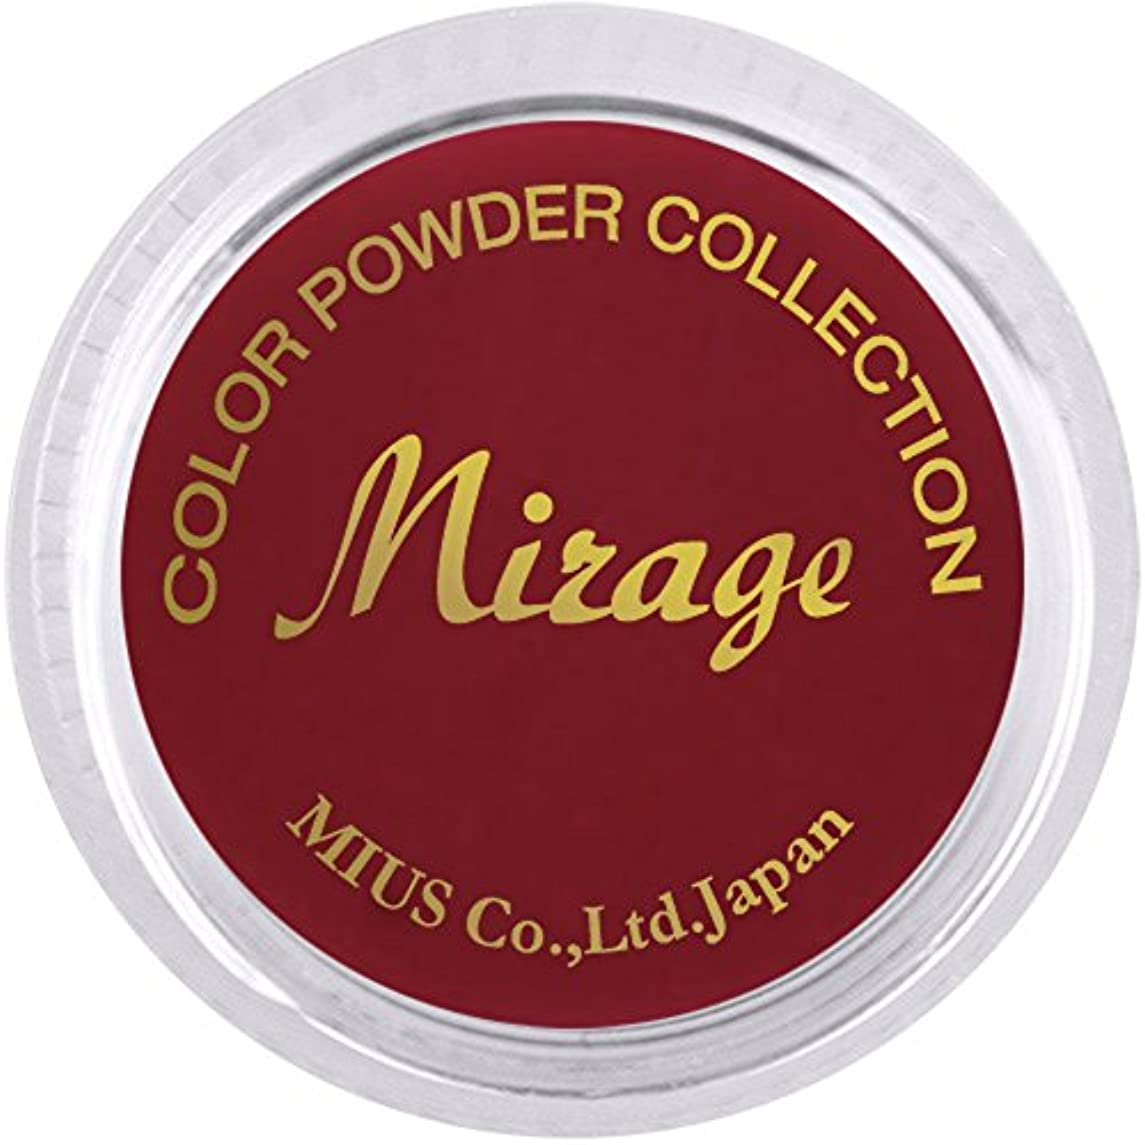 四半期チョップ溶融ミラージュ カラーパウダー N/MED-4 ボルドーレッド 7g  アクリルパウダー マットなダークシリーズ